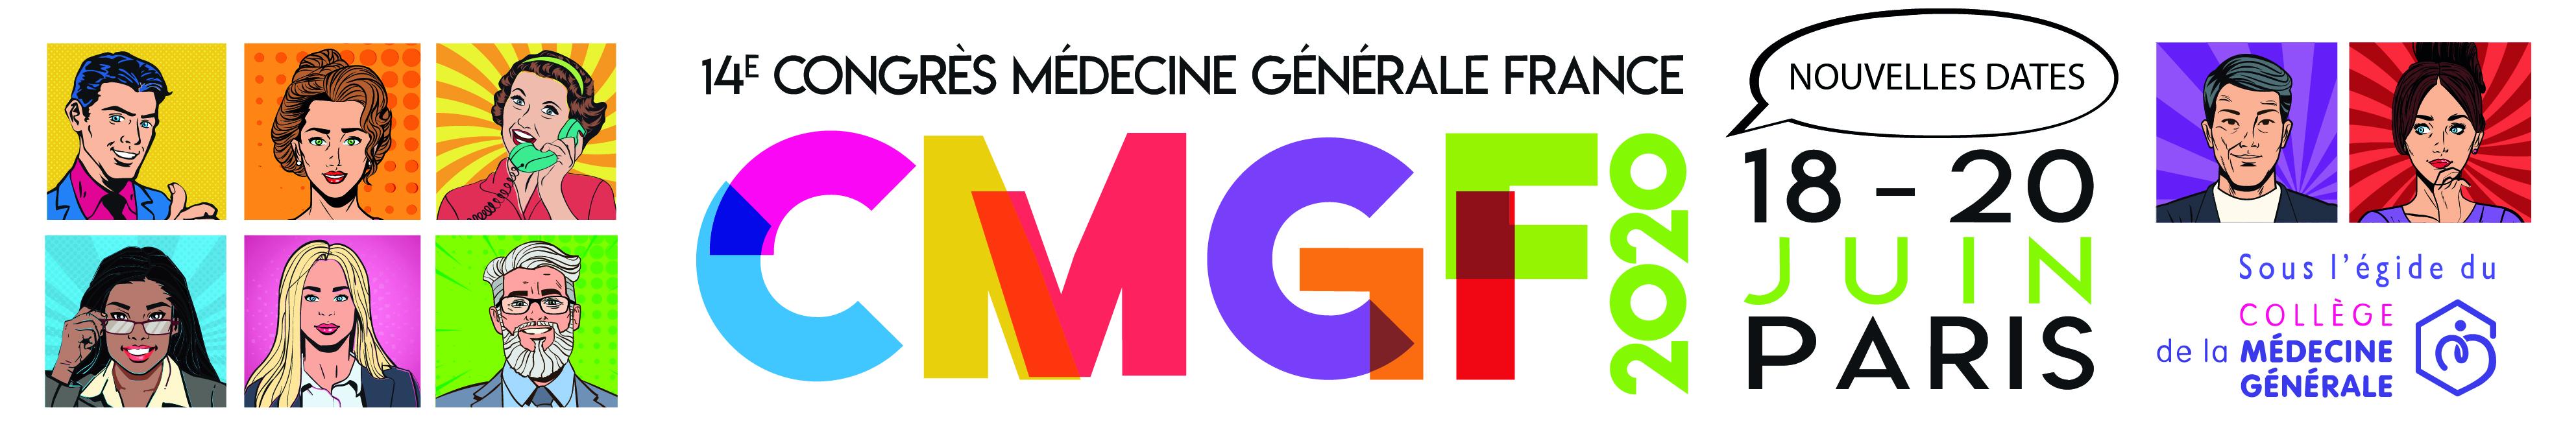 icone 14ème Congrès de la Médecine Générale France